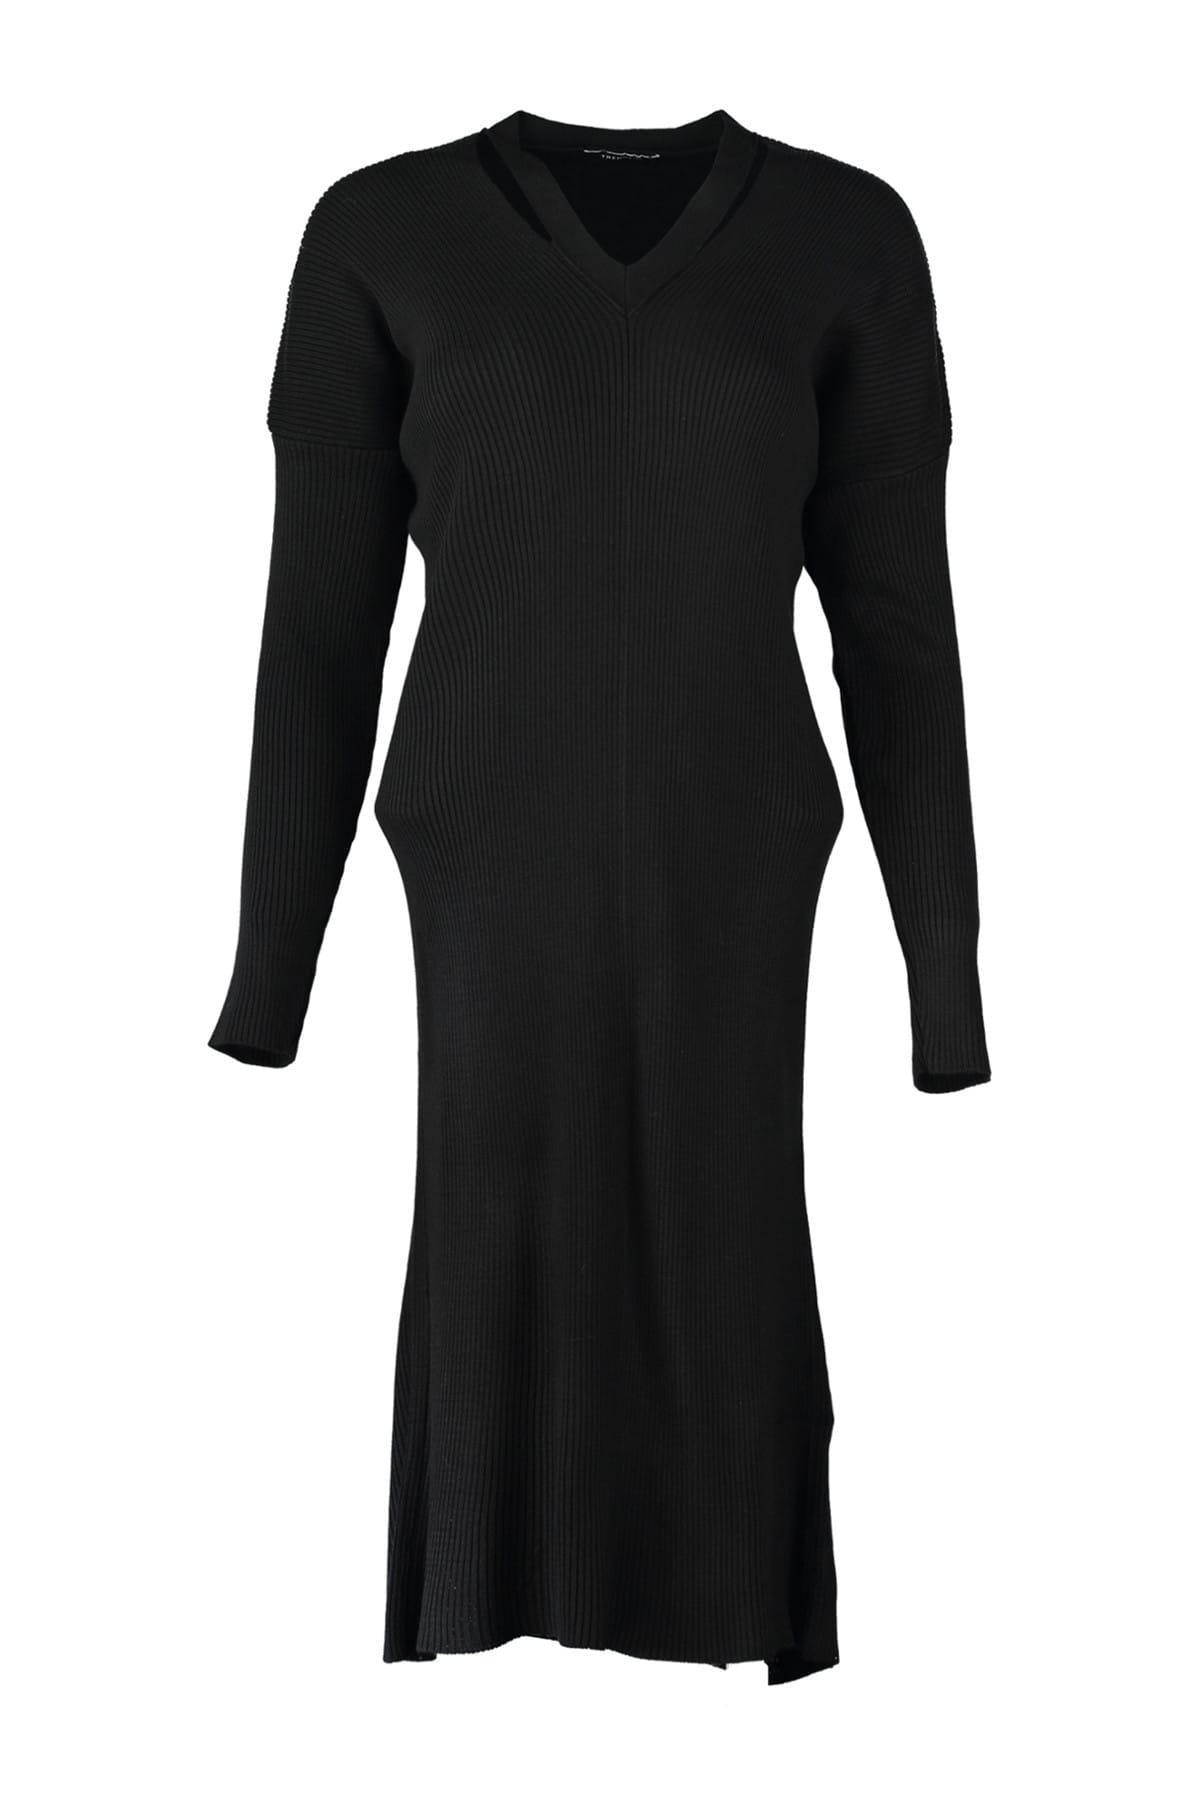 Женское трикотажное платье Trendyol, черный воротник, TWOAW20DU0008|Платья|   | АлиЭкспресс